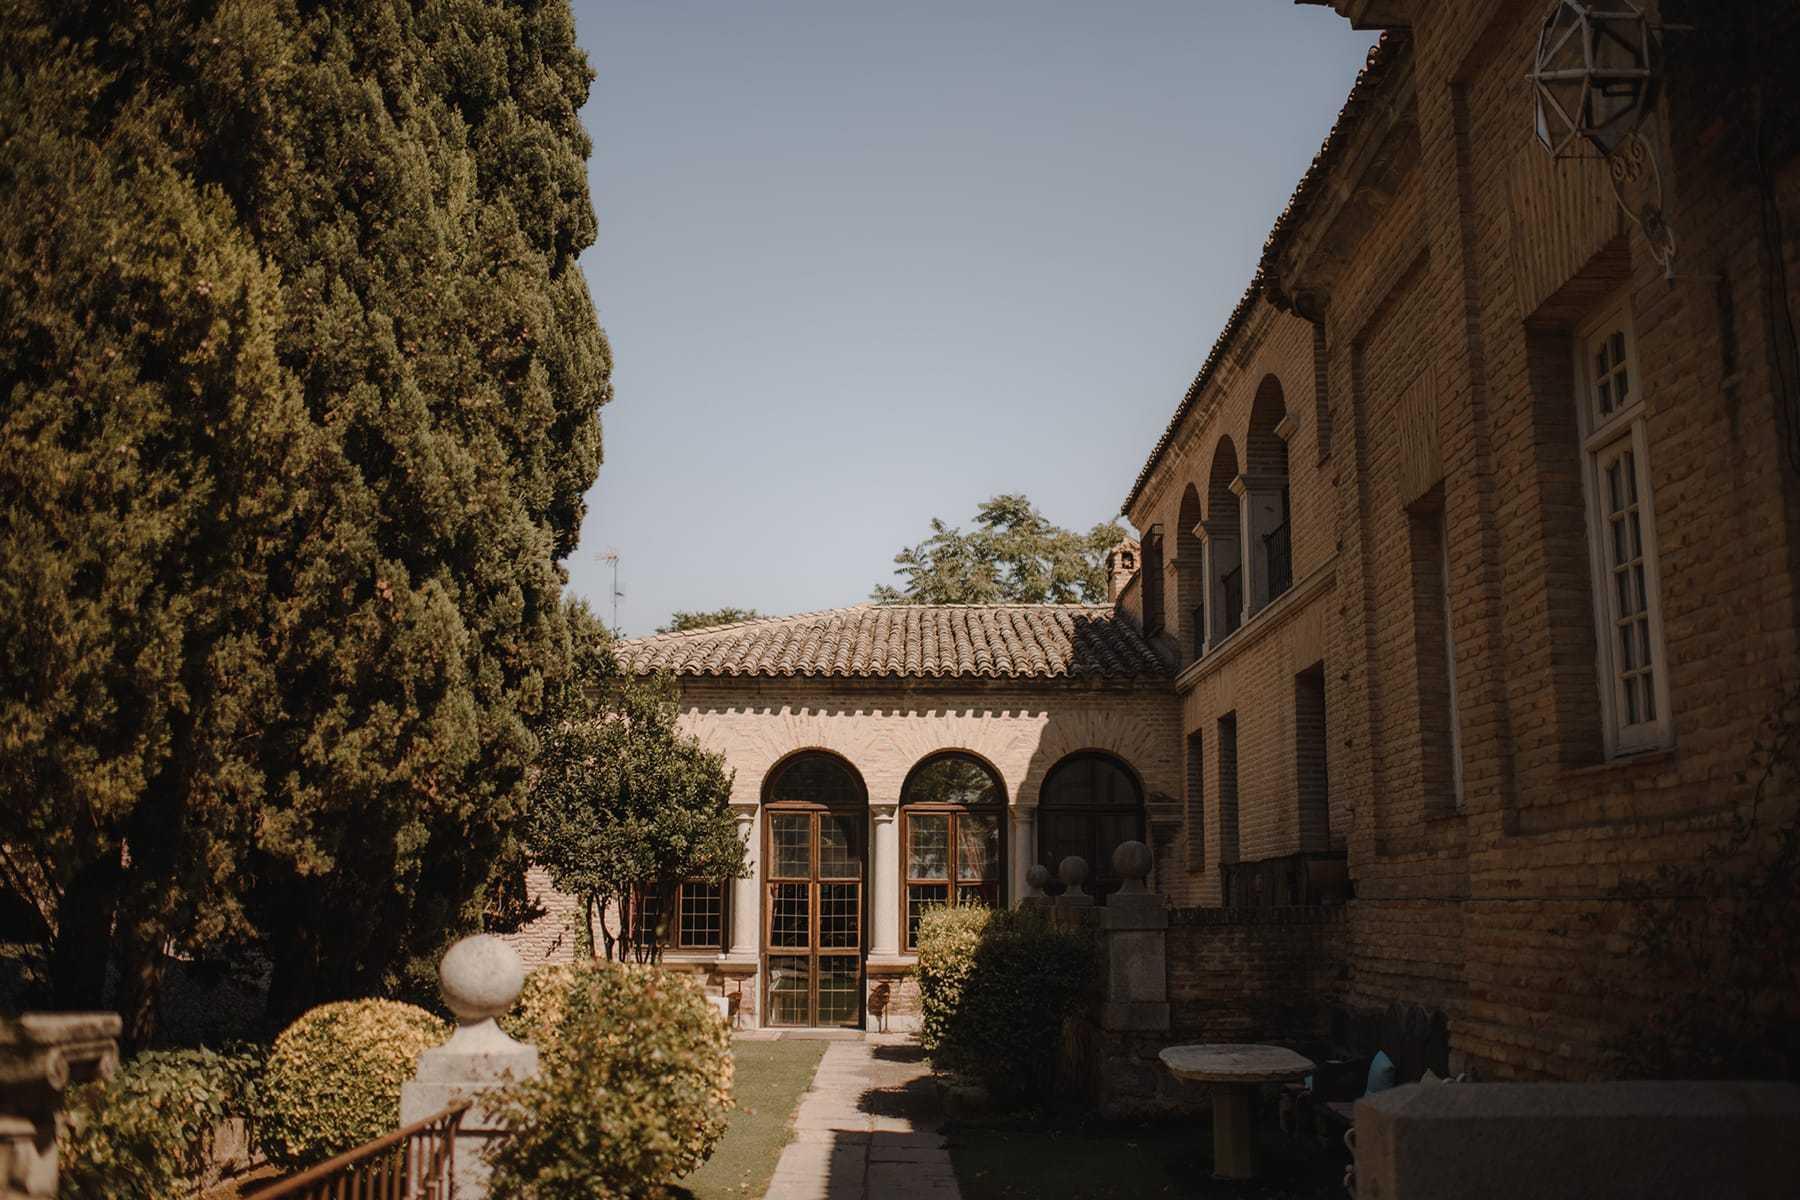 Hotel de la Hacienda del Cardenal